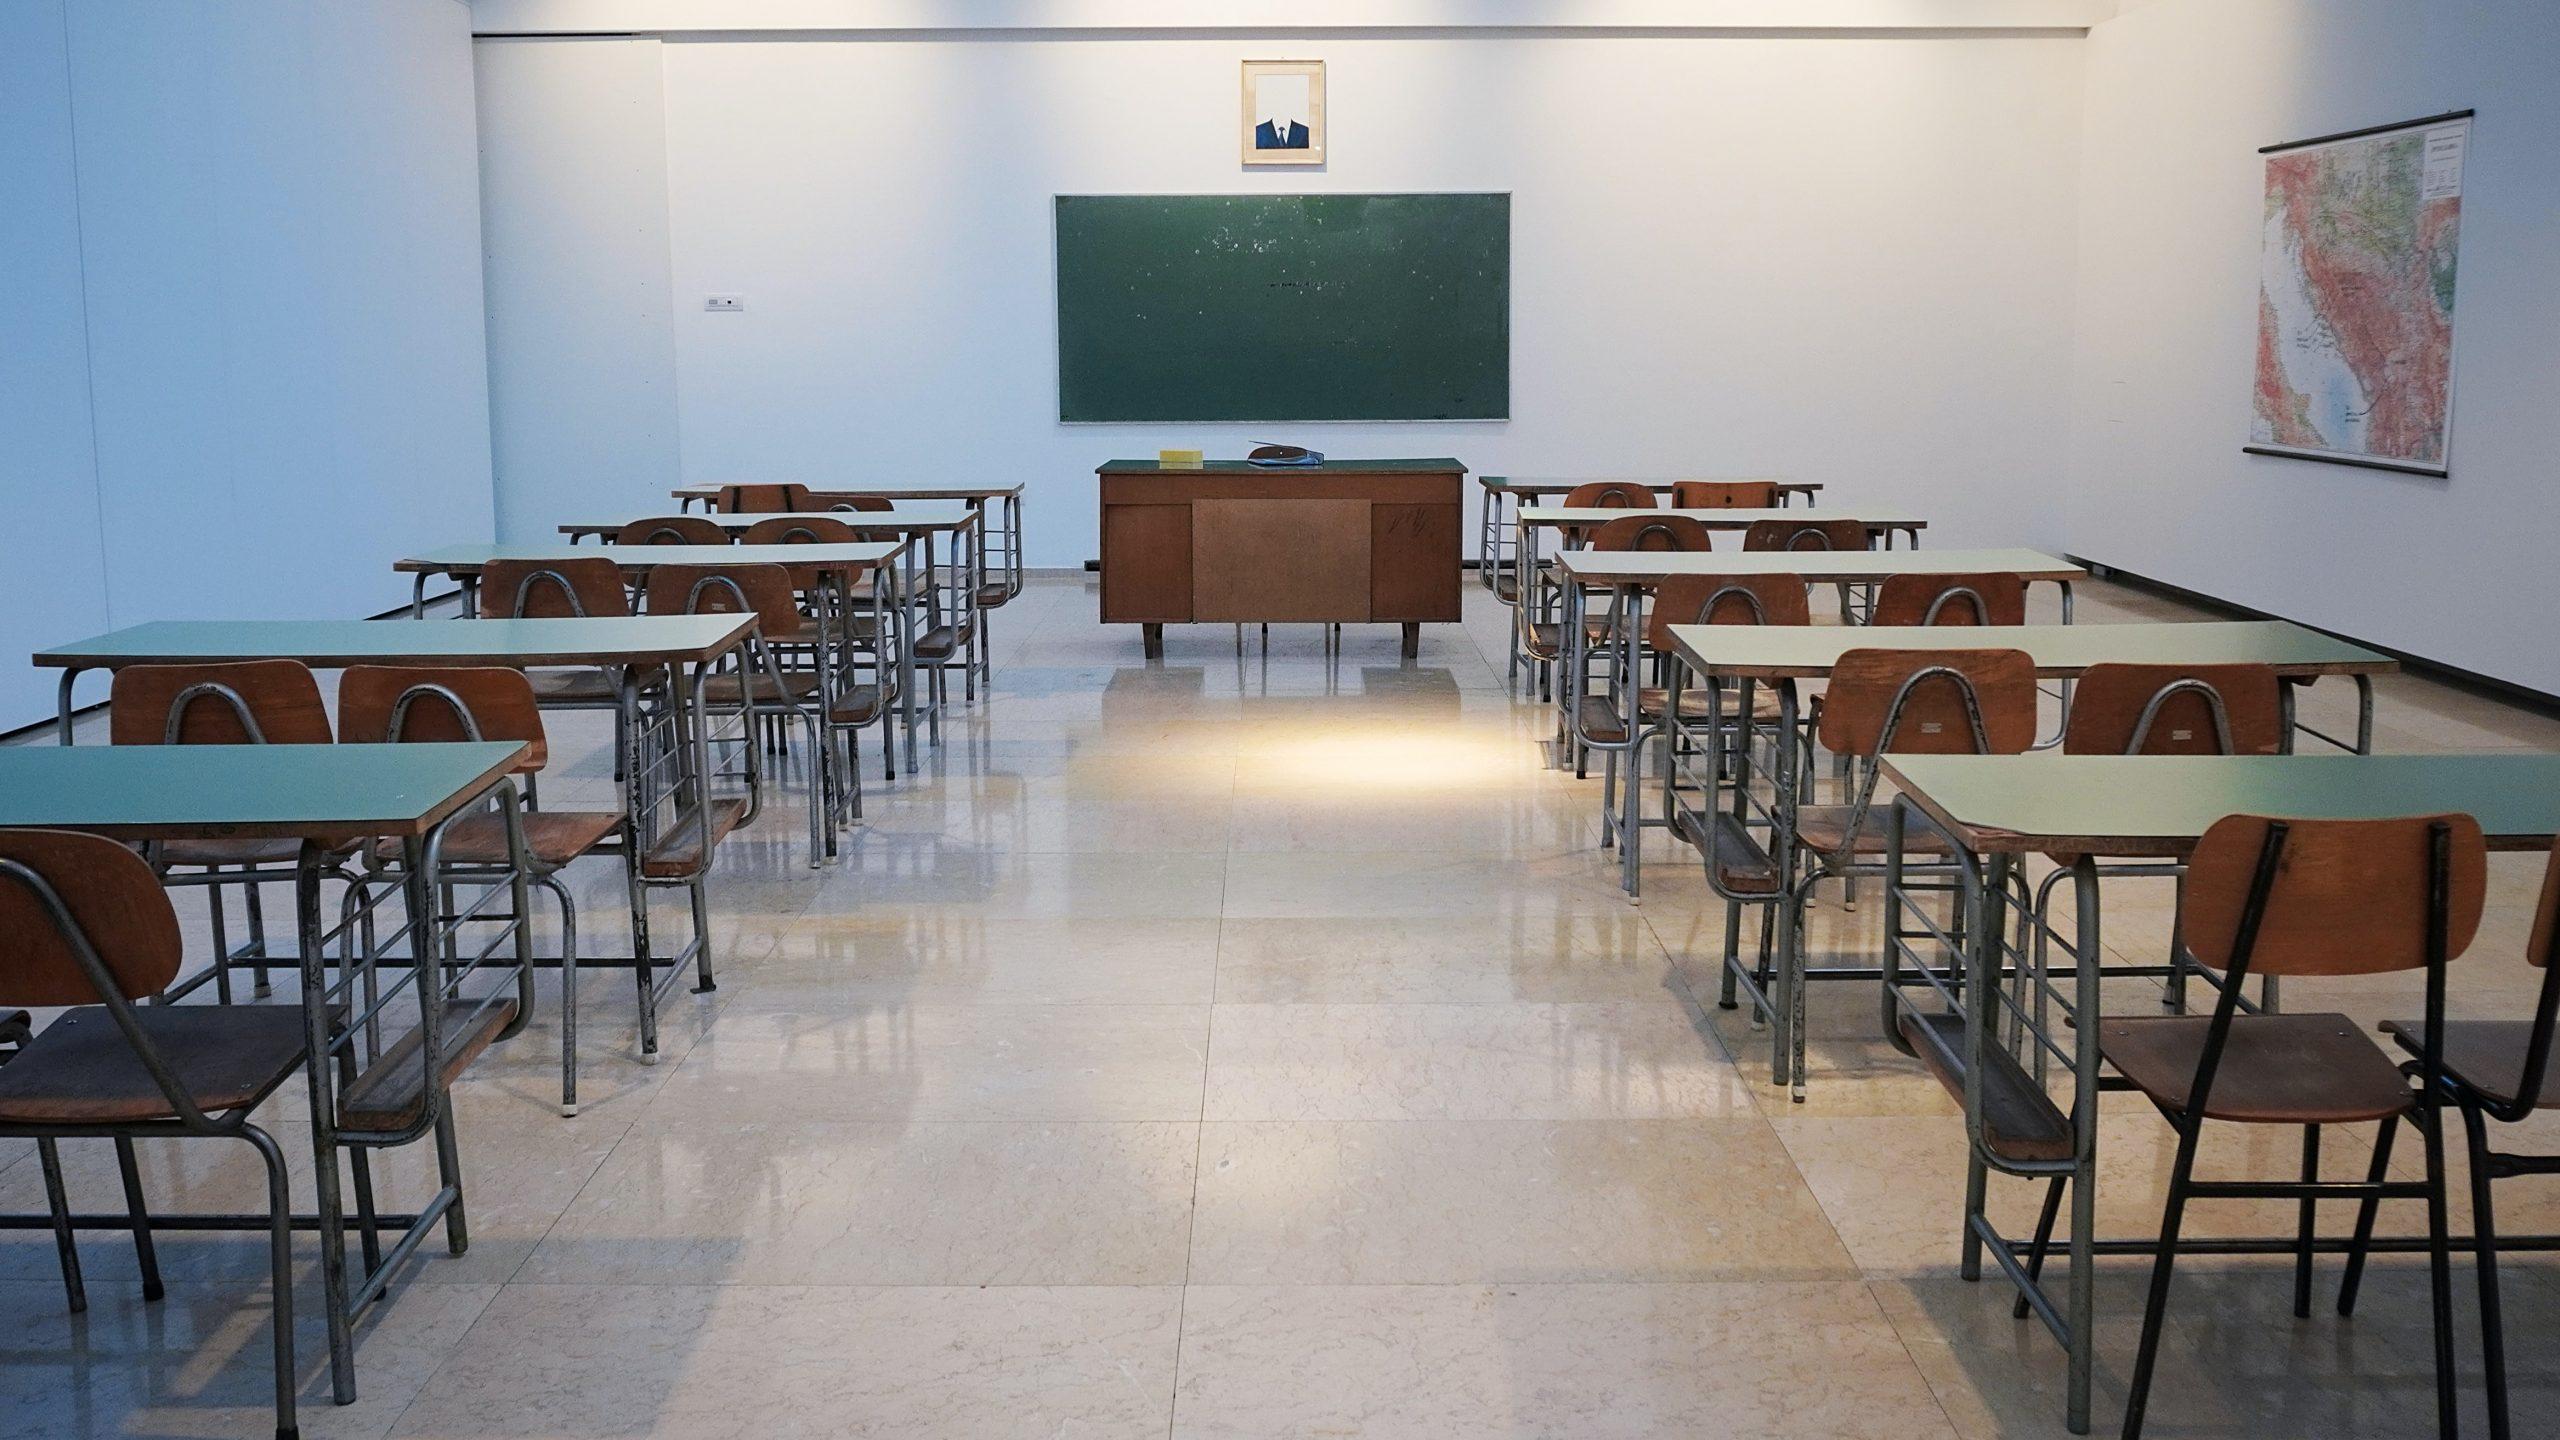 Против закрытия единственной школы в селе Узынагаш выступили жители Костанайской области